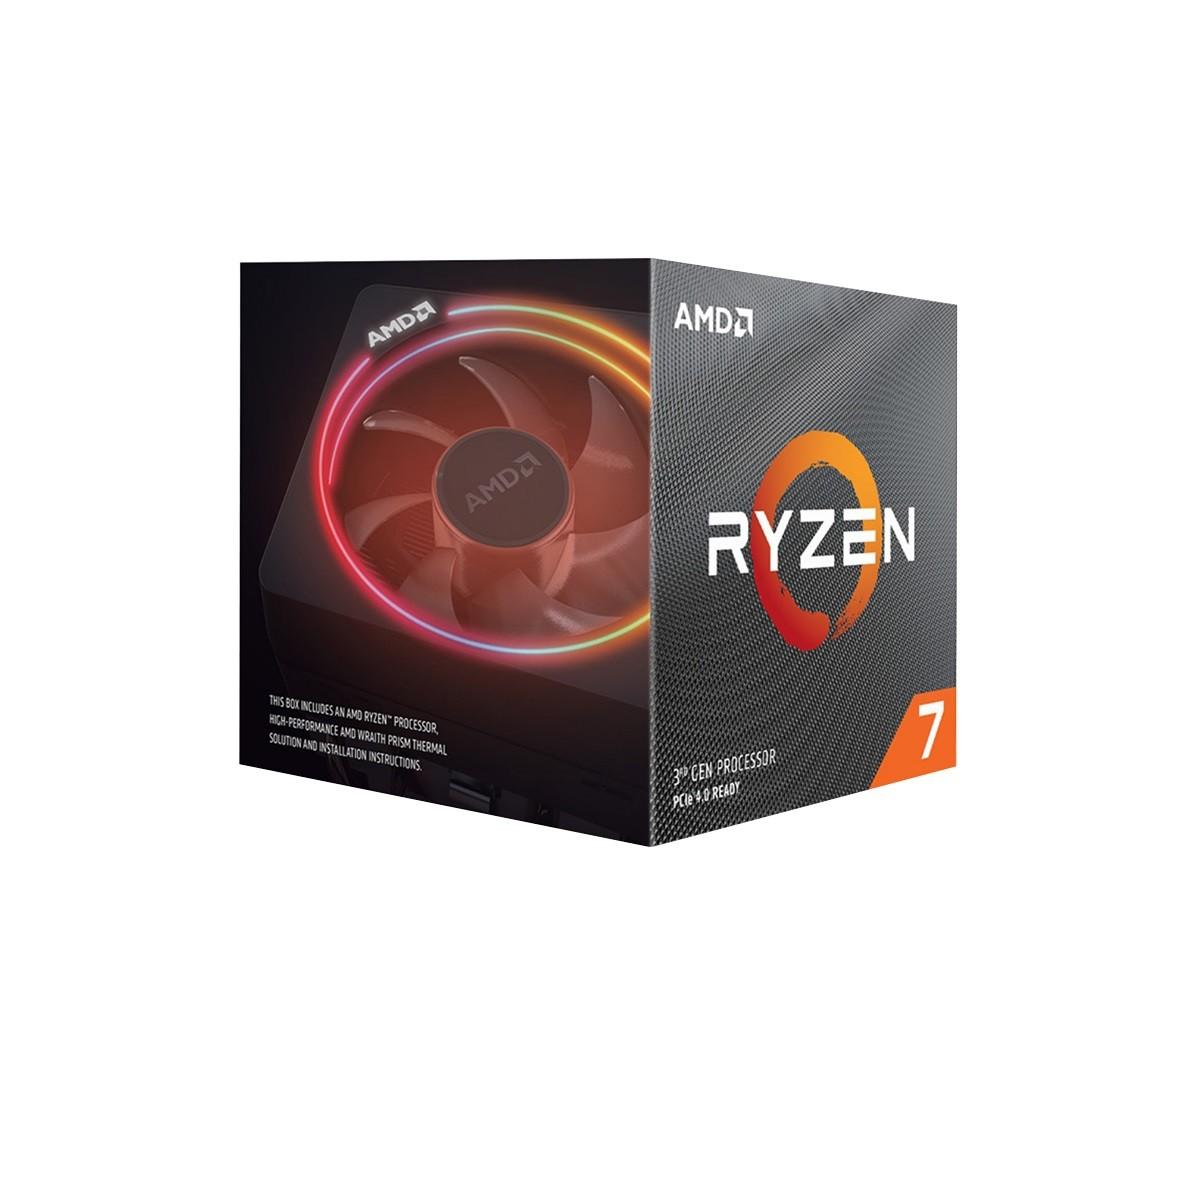 Kit Upgrade ASUS ROG STRIX Radeon RX 6700 XT + AMD Ryzen 7 3700X + Brinde Jogo Dirt 5